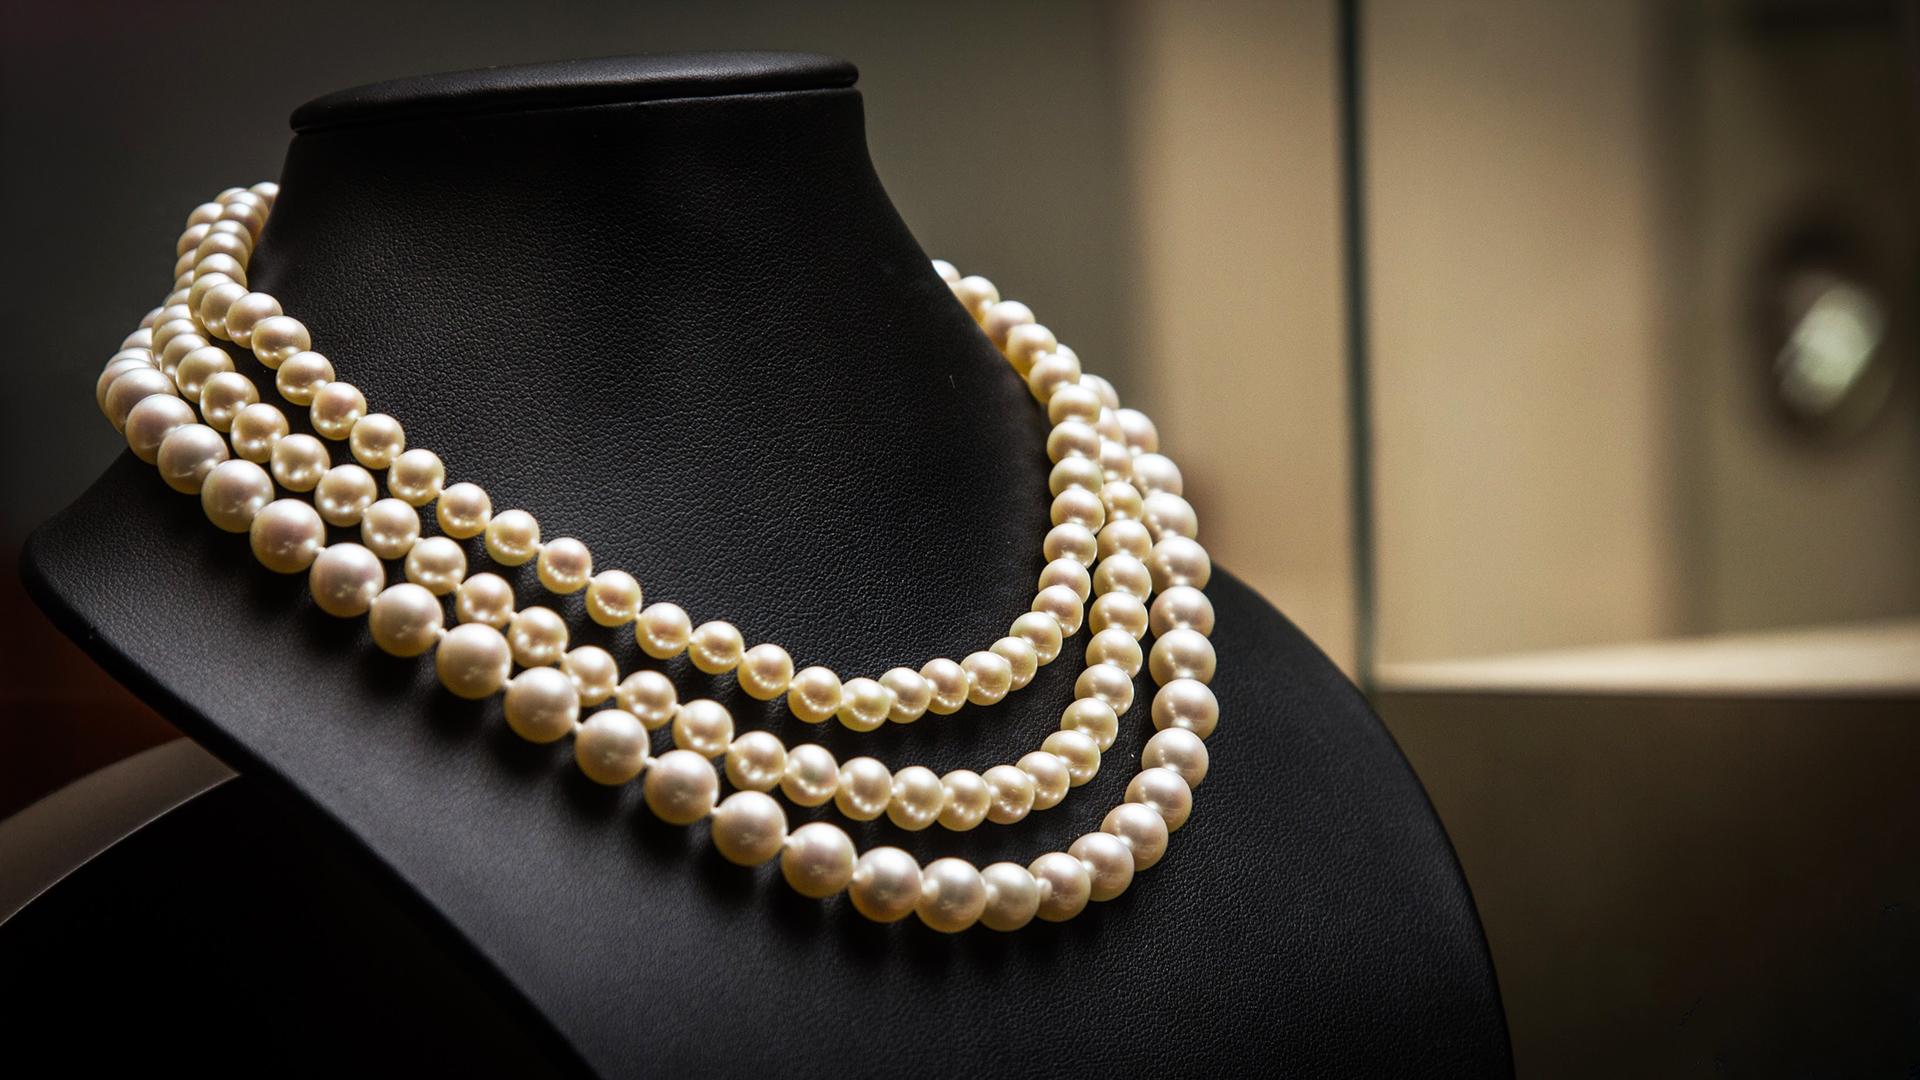 bijouterie-verneau-perles-collier-or-bijoux-qualite-la-garde-toulon-var